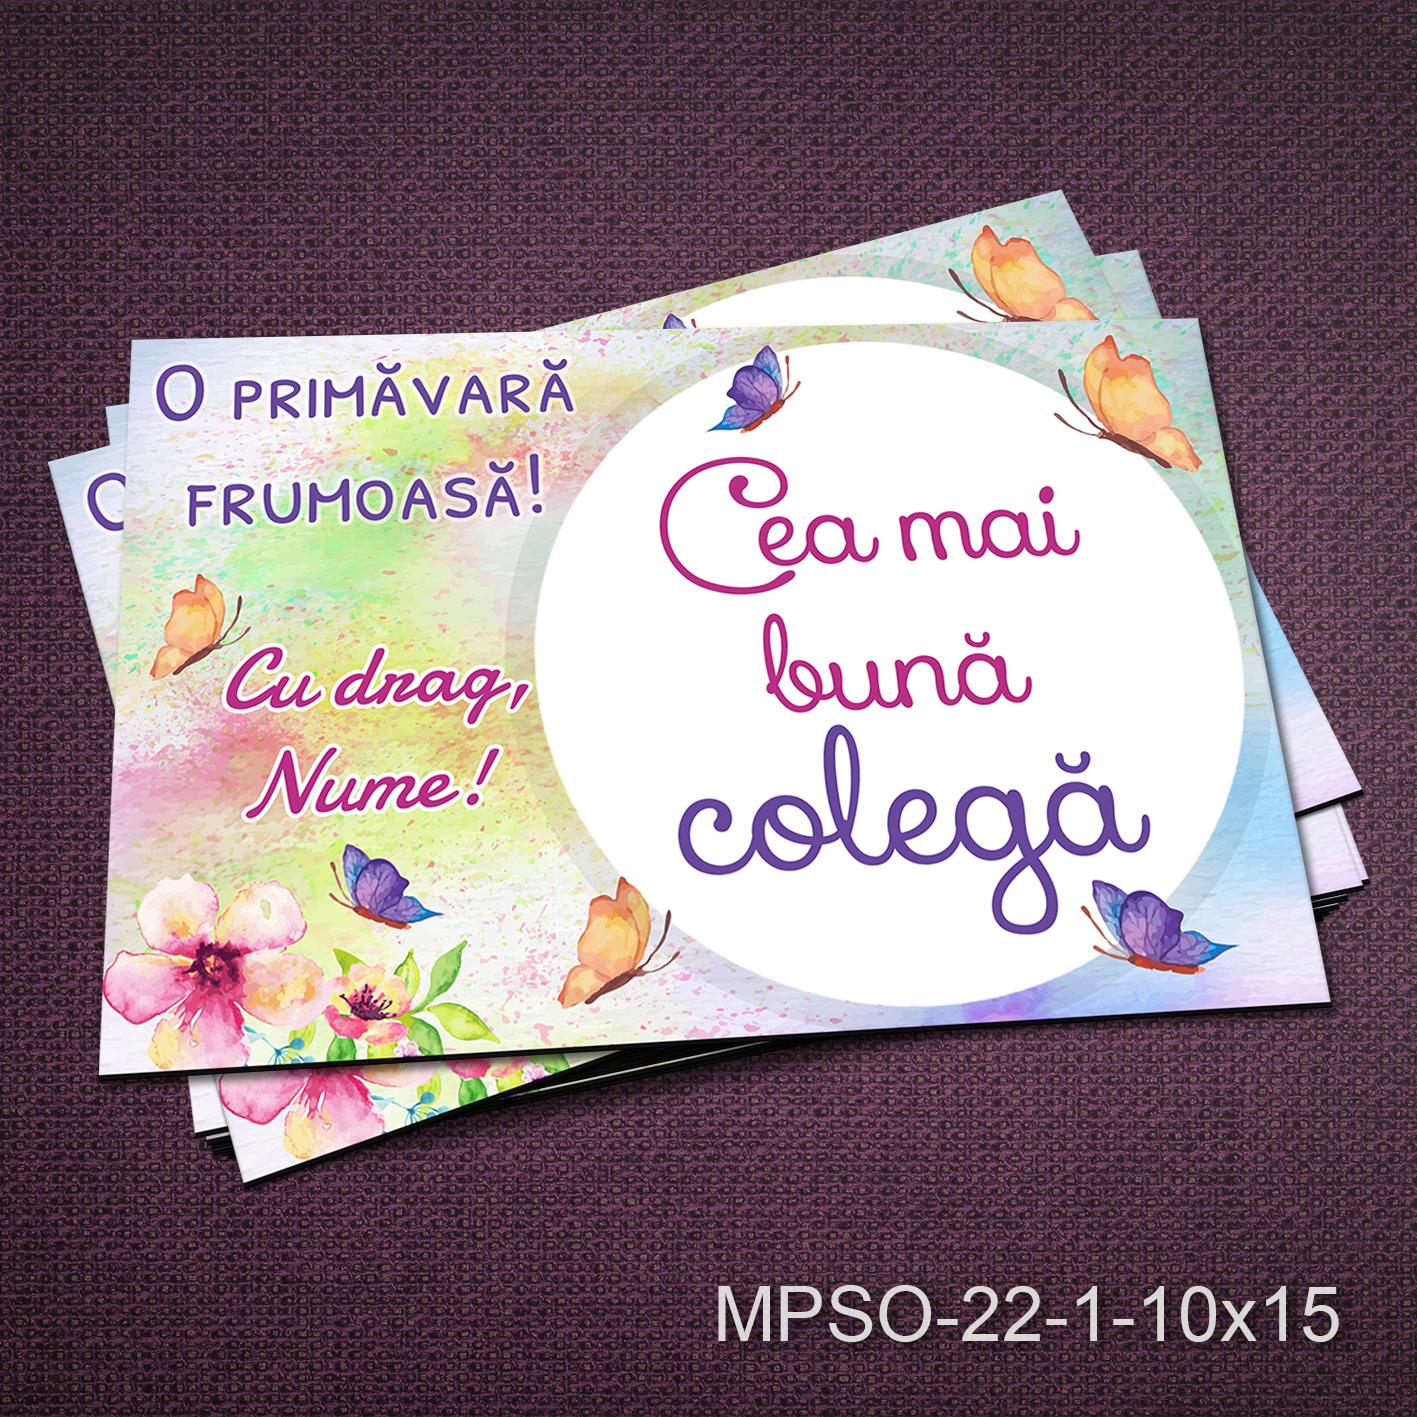 Felicitare magnetica - cea mai buna colega - MPSO-22-1-10x15